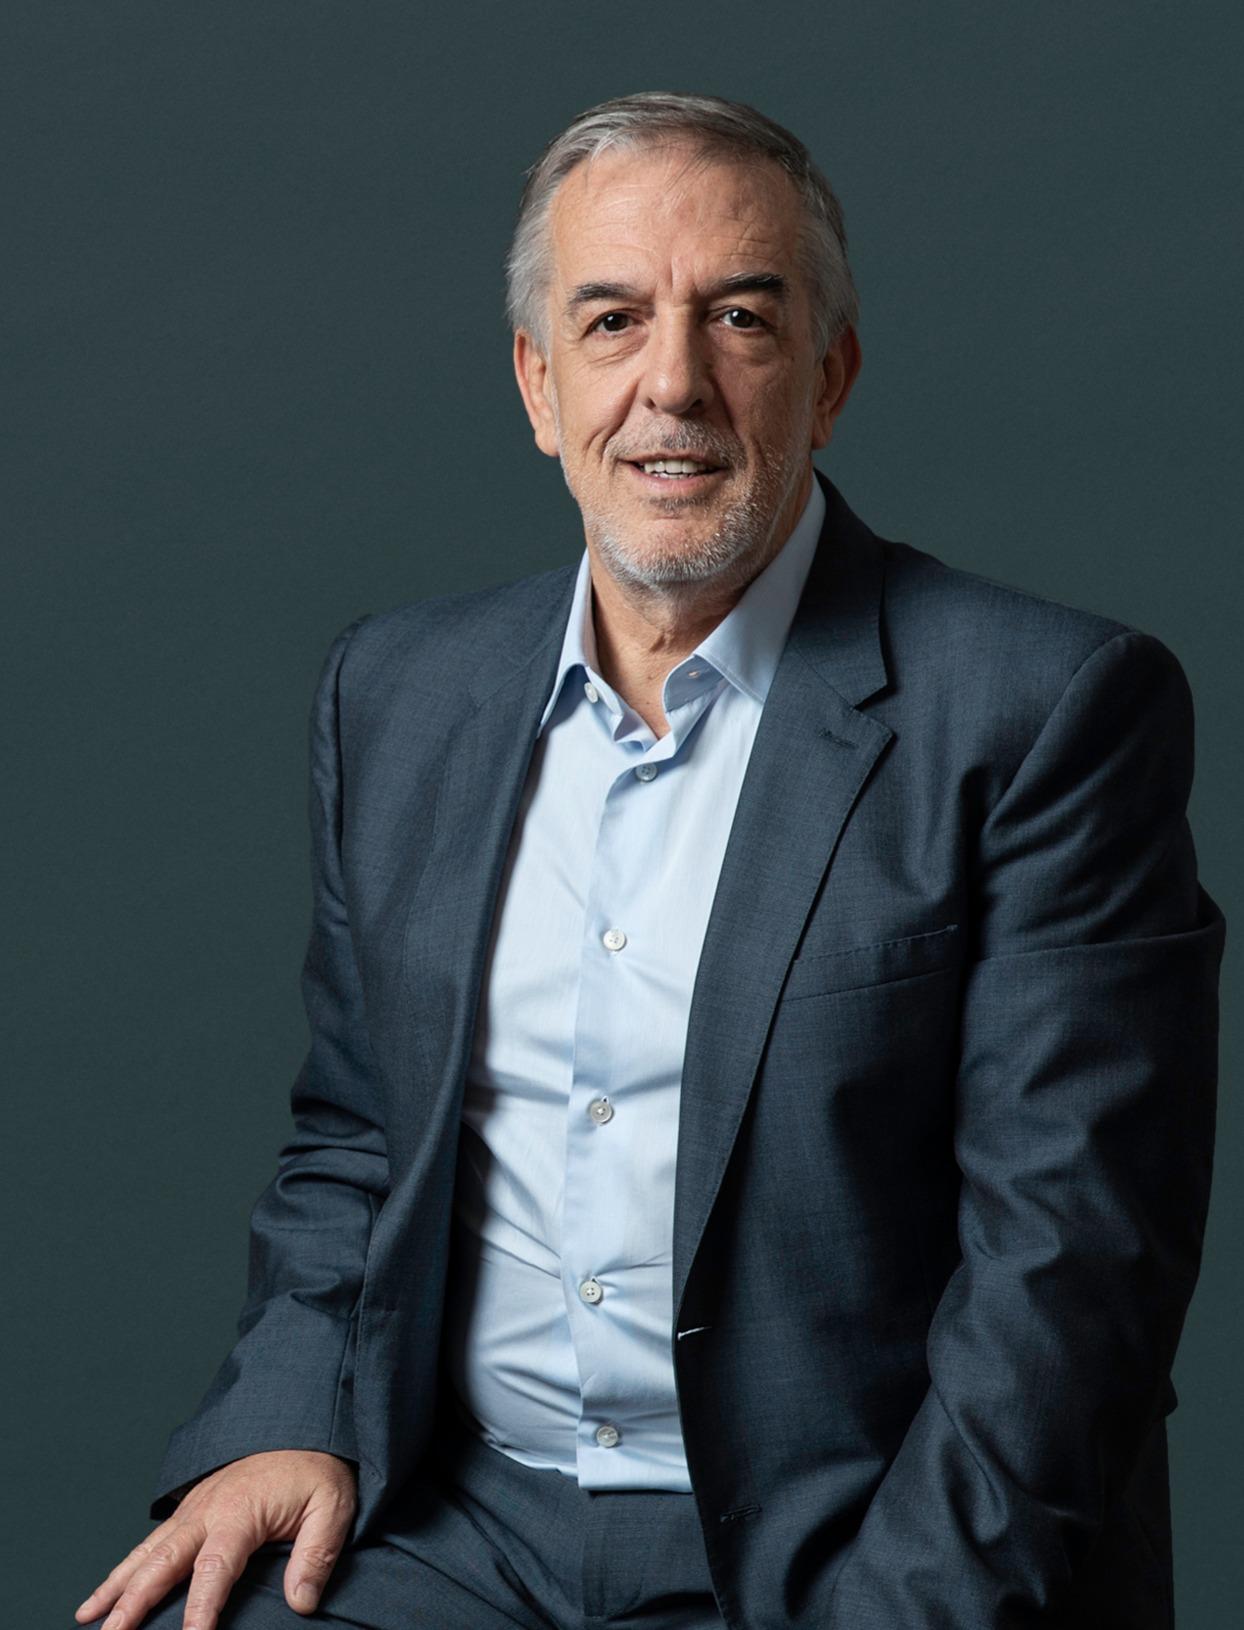 Luis Pais Antunes